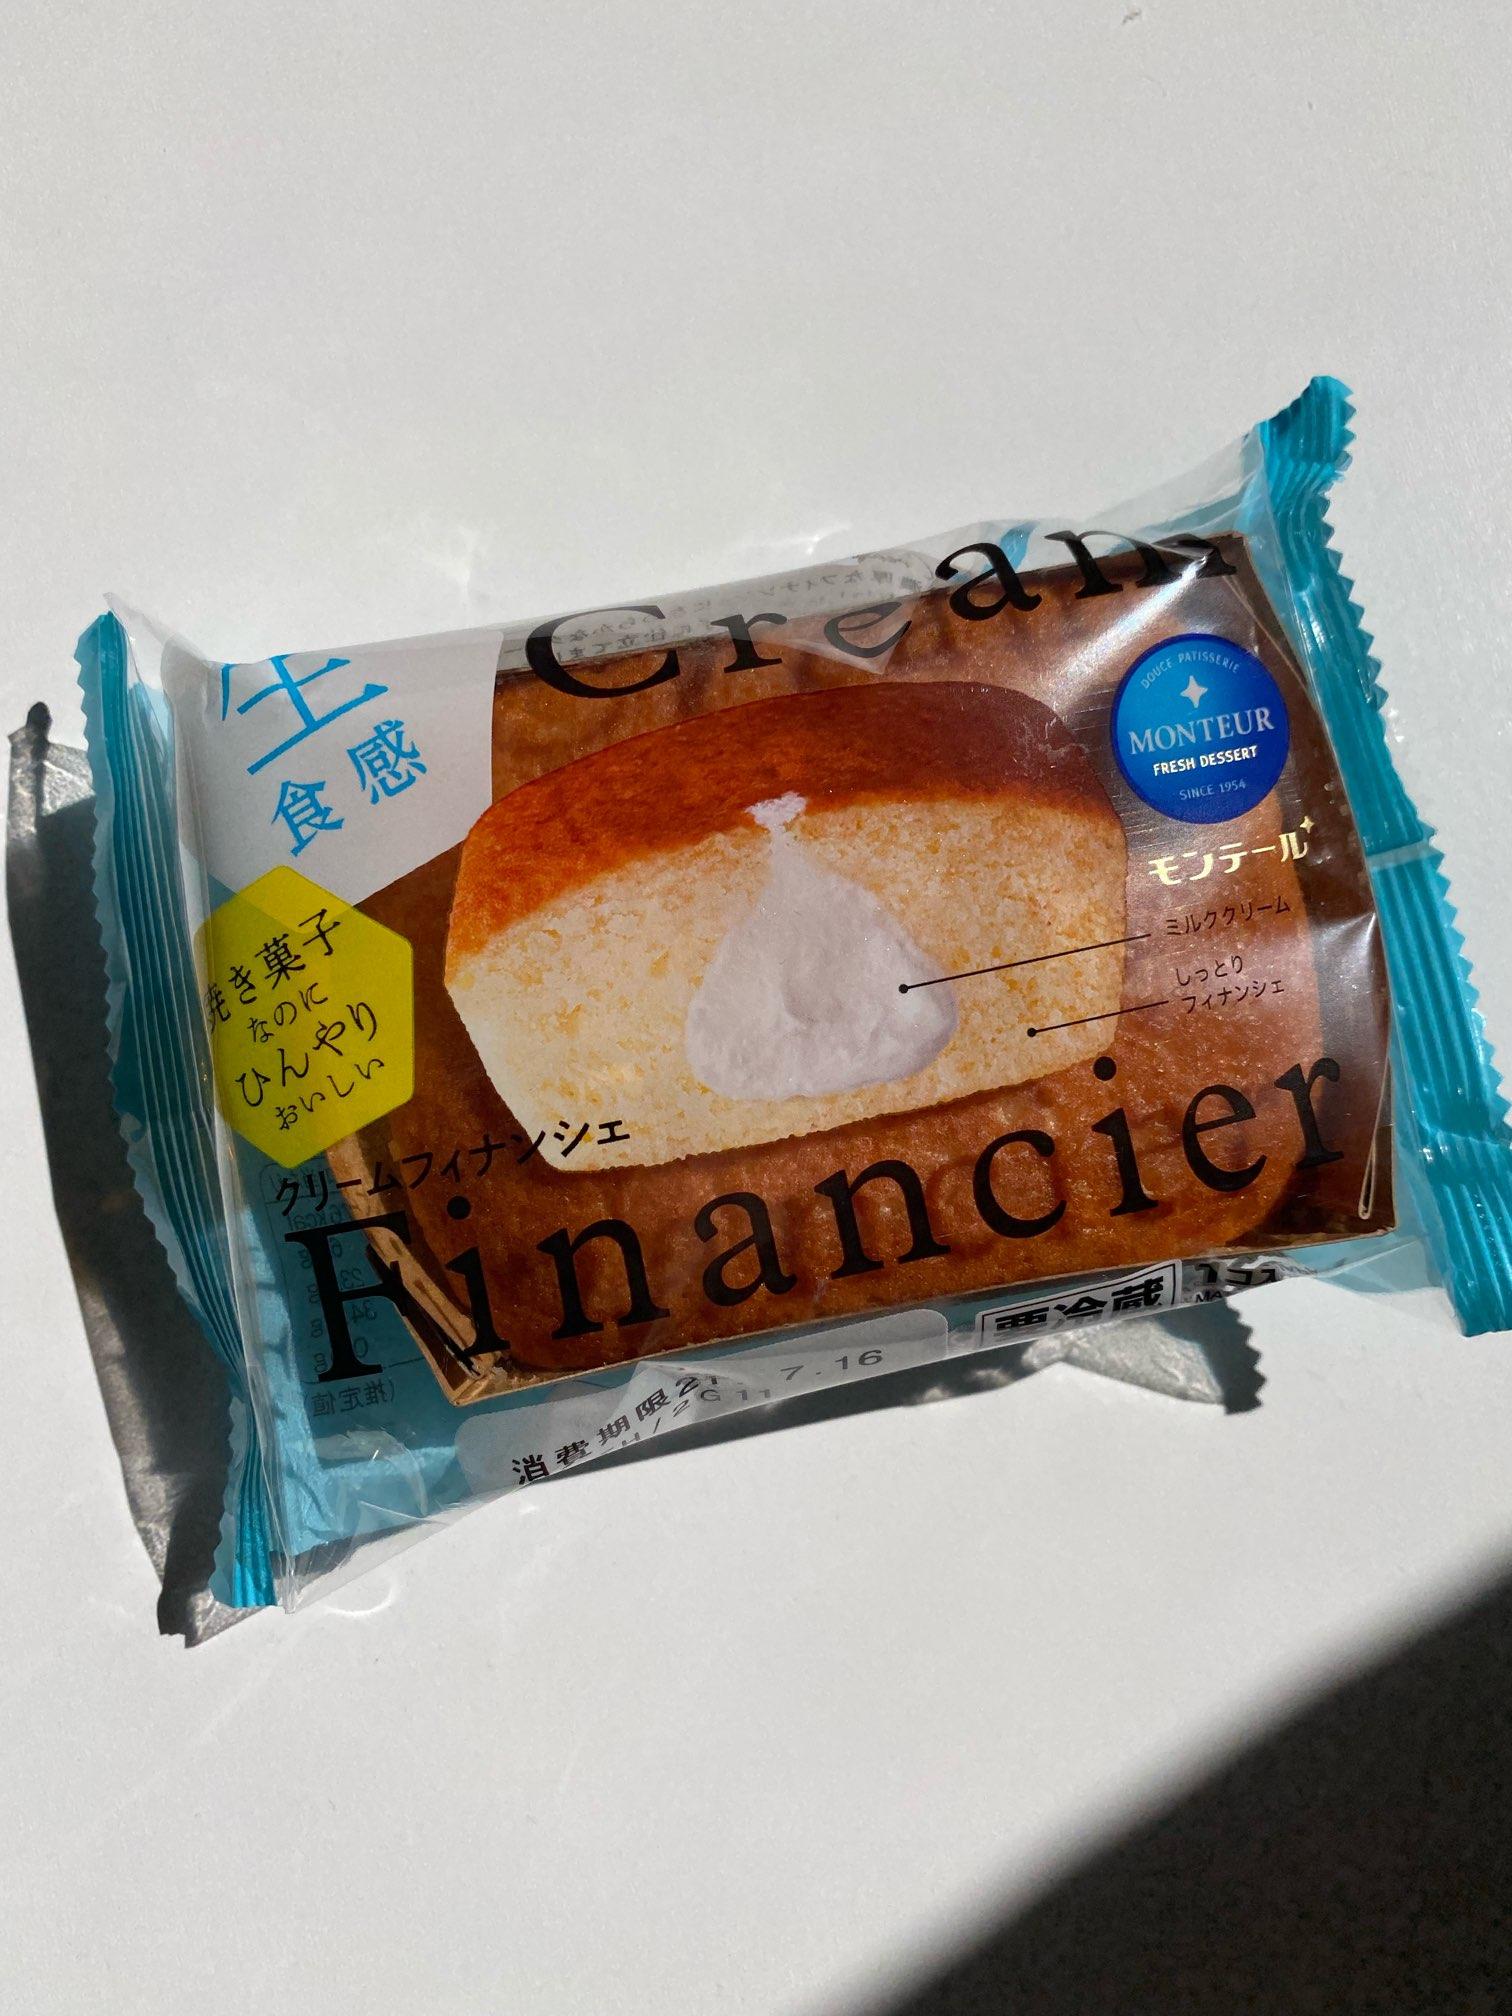 【スイーツ】甘党さん大集合!あの有名なモンテールおすすめスイーツを食べてみた♡_5